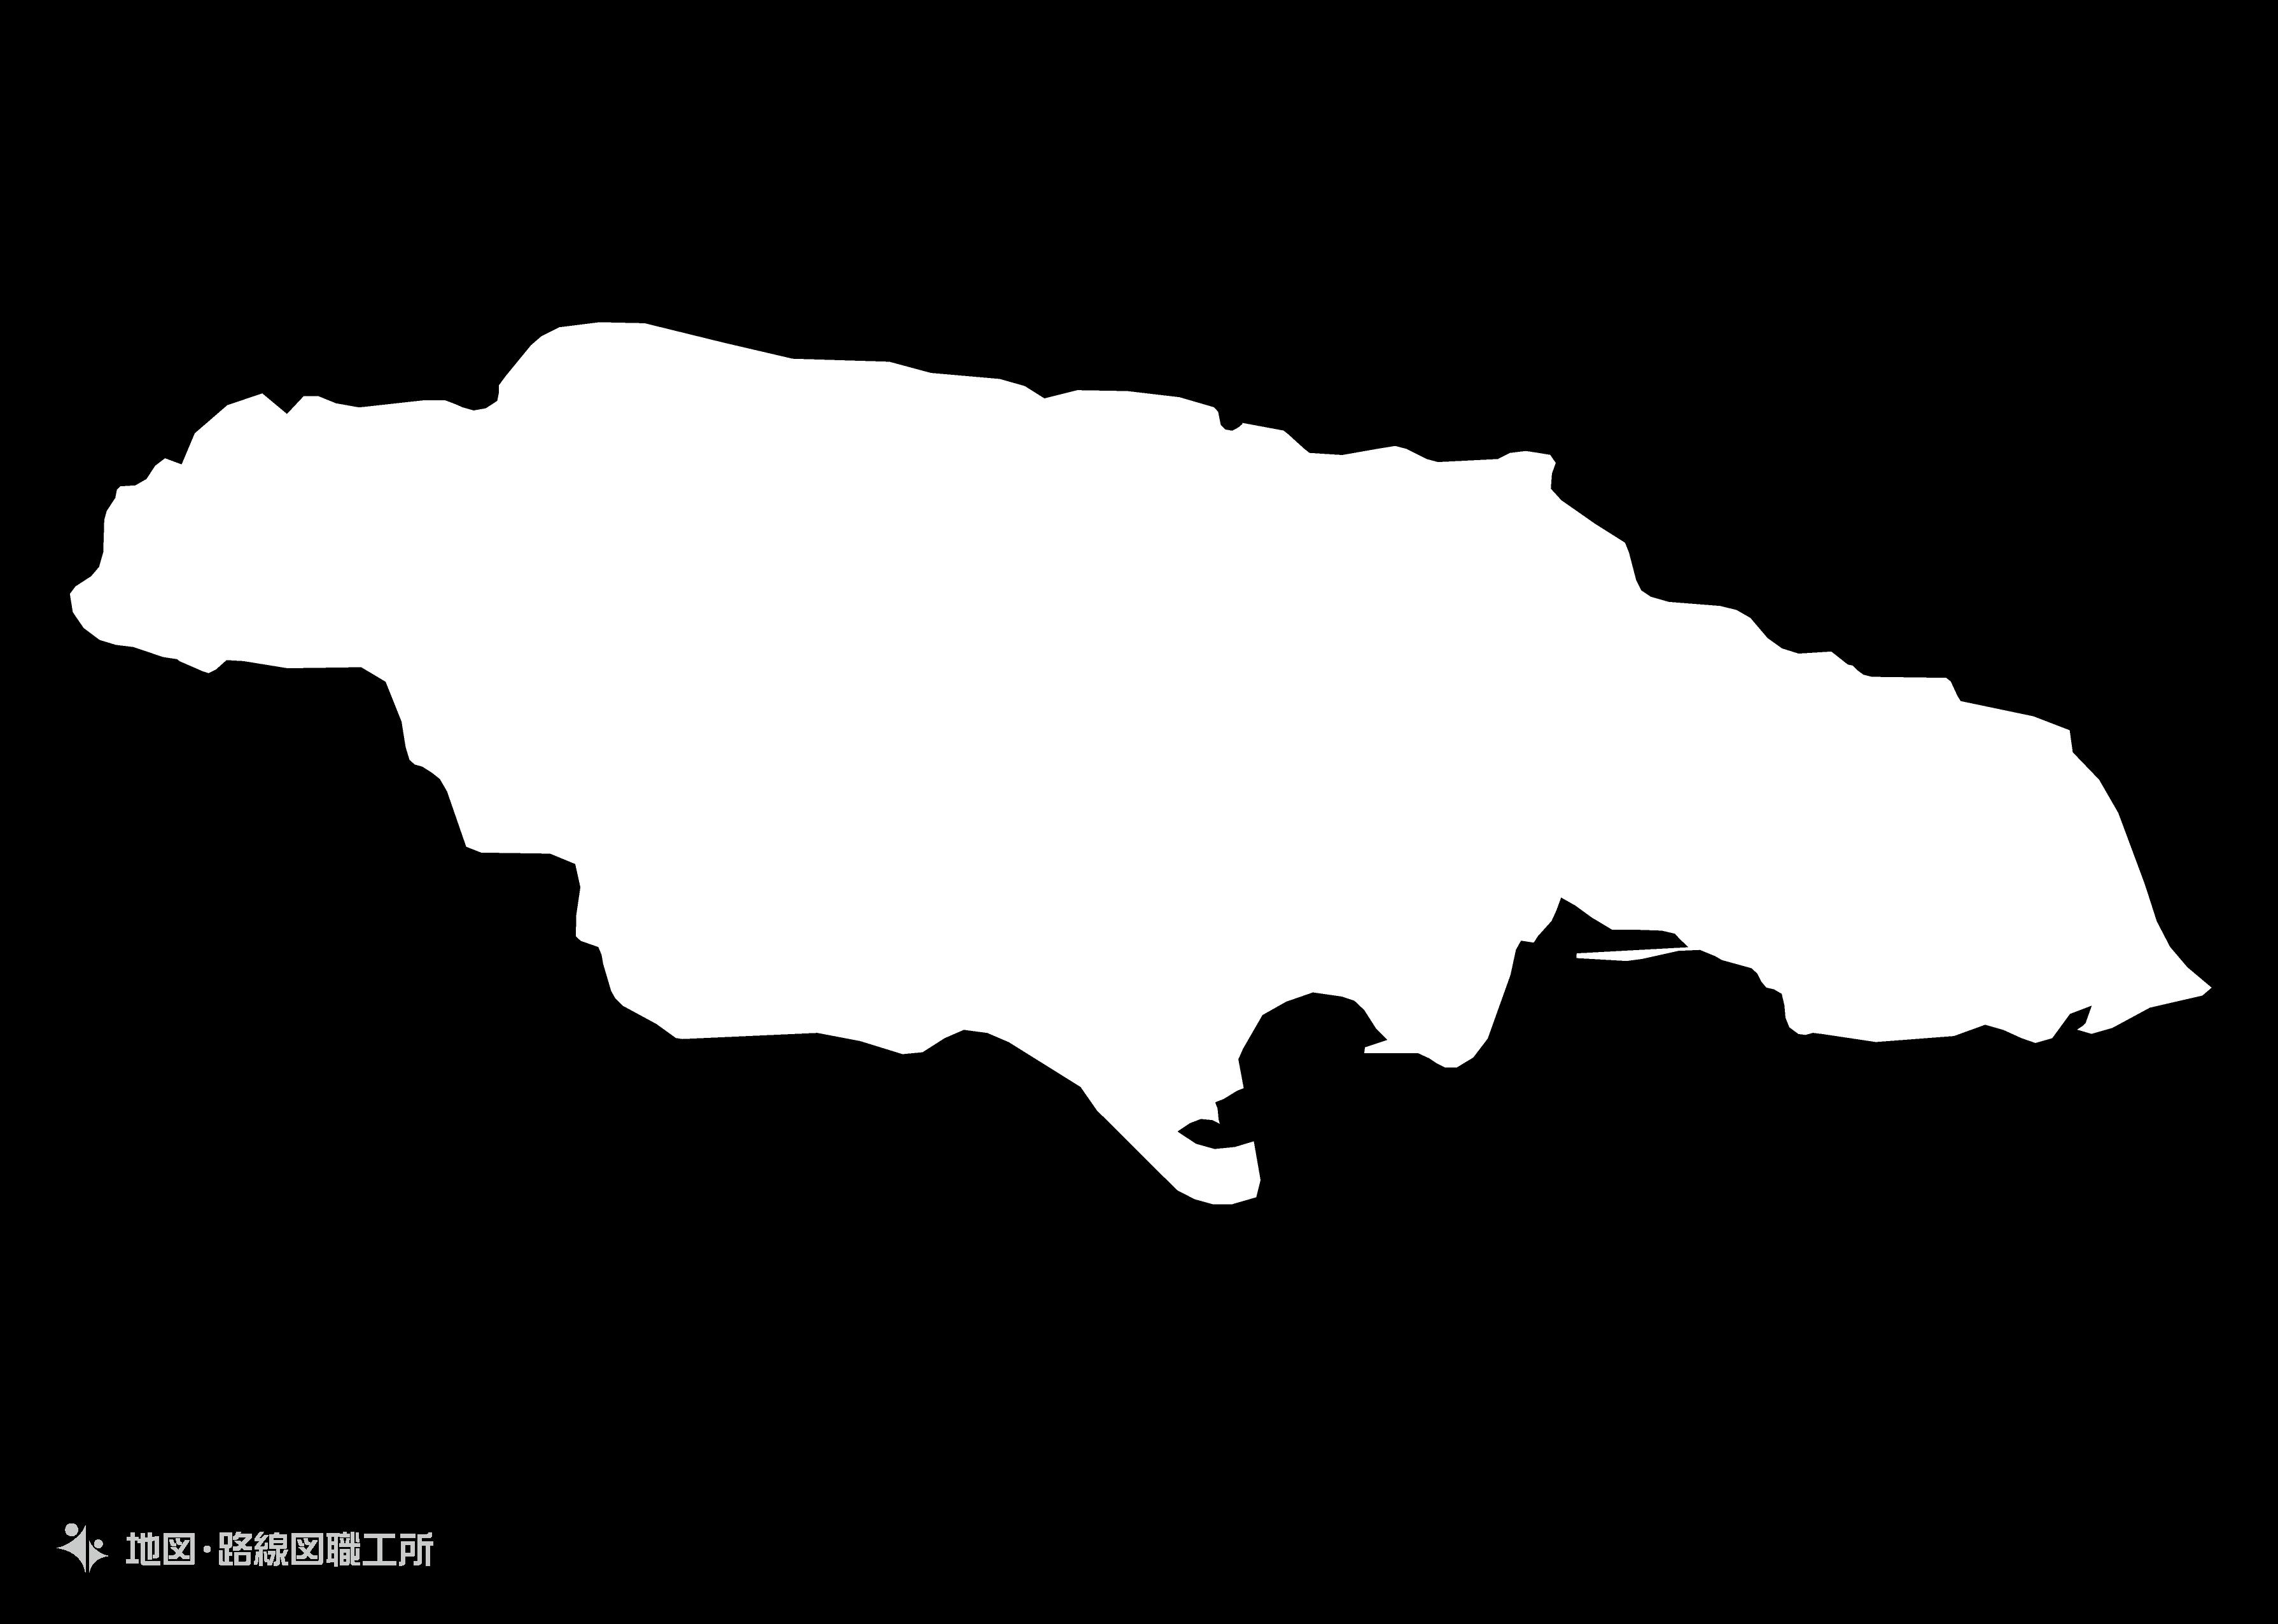 世界の白地図 ジャマイカ jamaica map